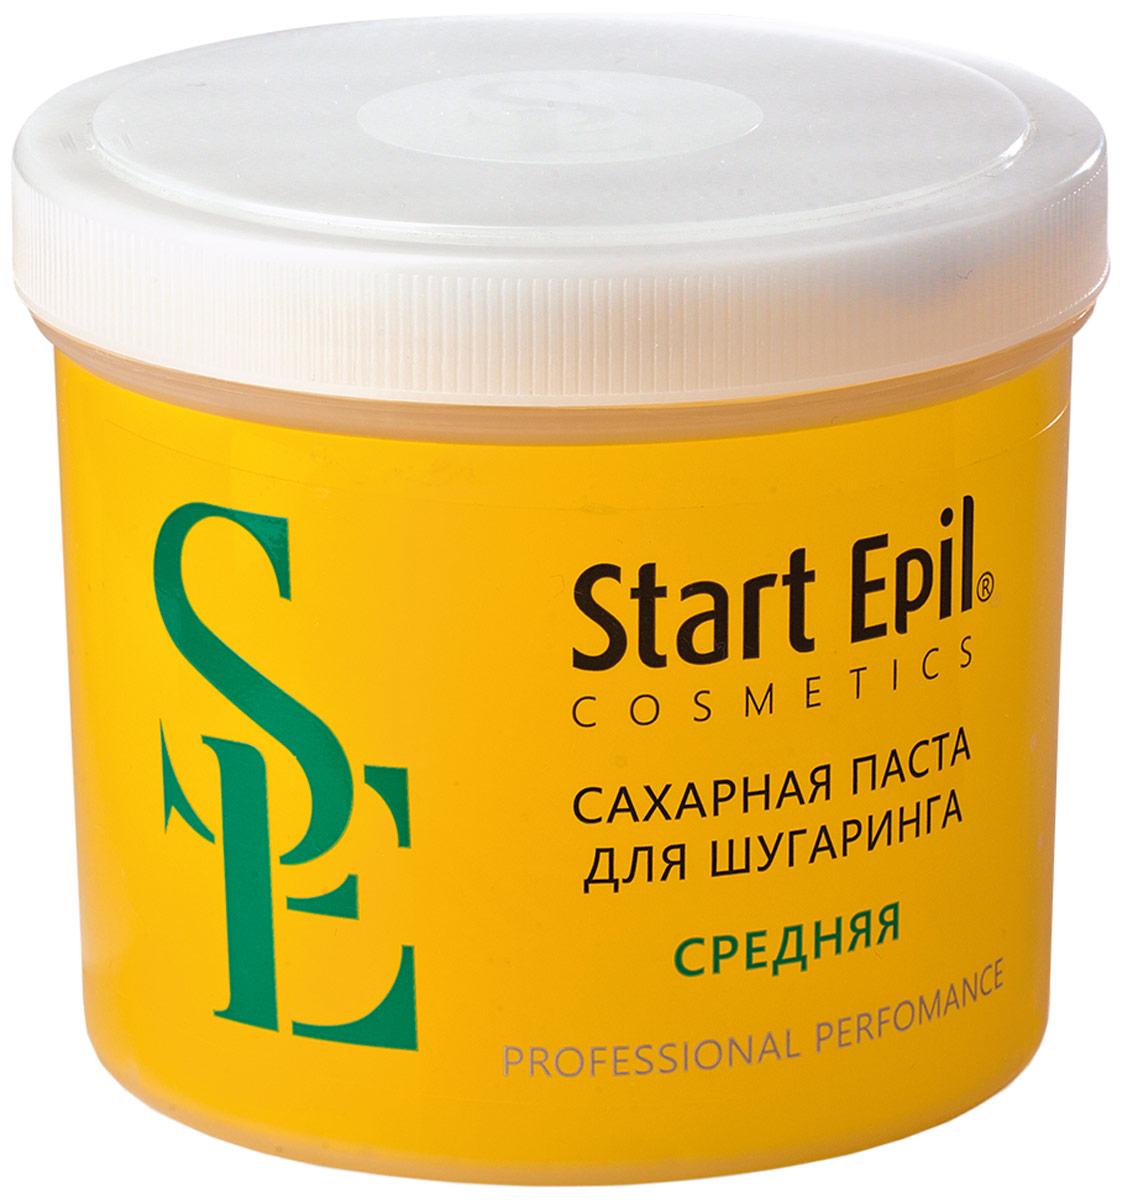 Start Epil Сахарная паста для депиляции Средняя, 750 г